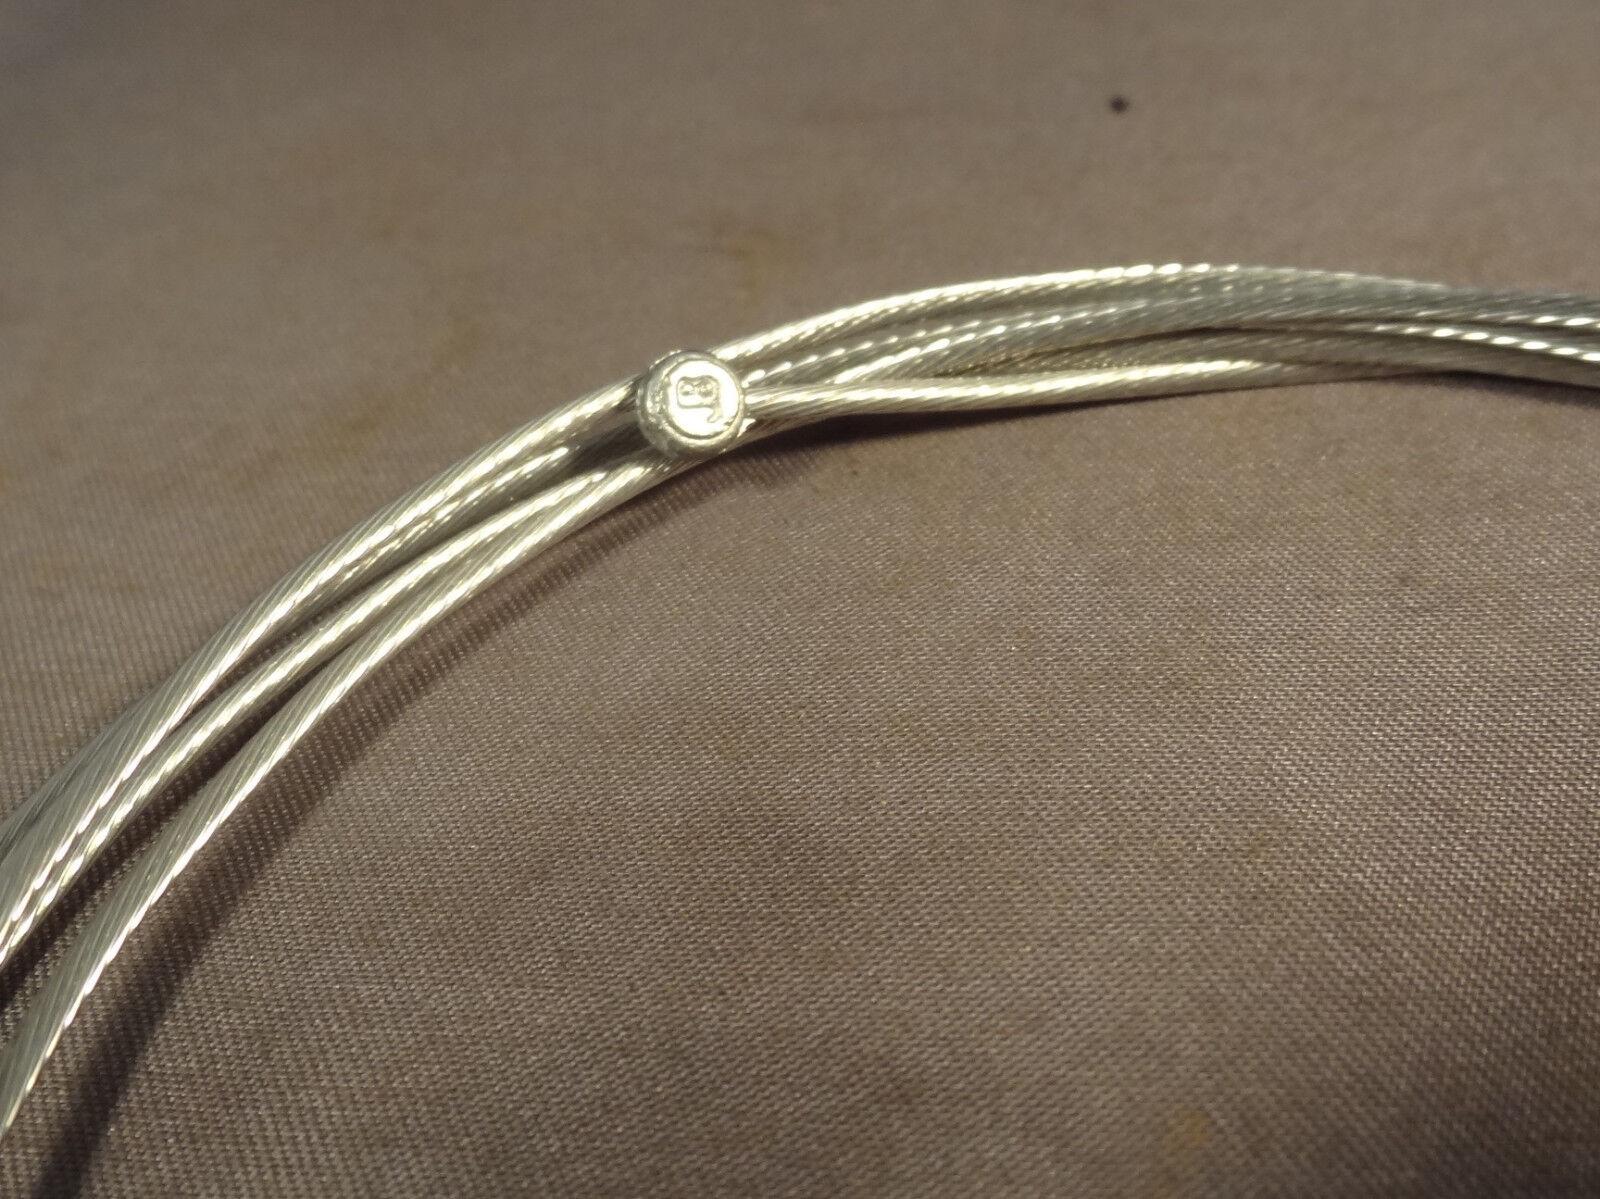 1 Schwinn Derailleur Gear Cable Wire for Vintage Varsity Continental LeTour Bike